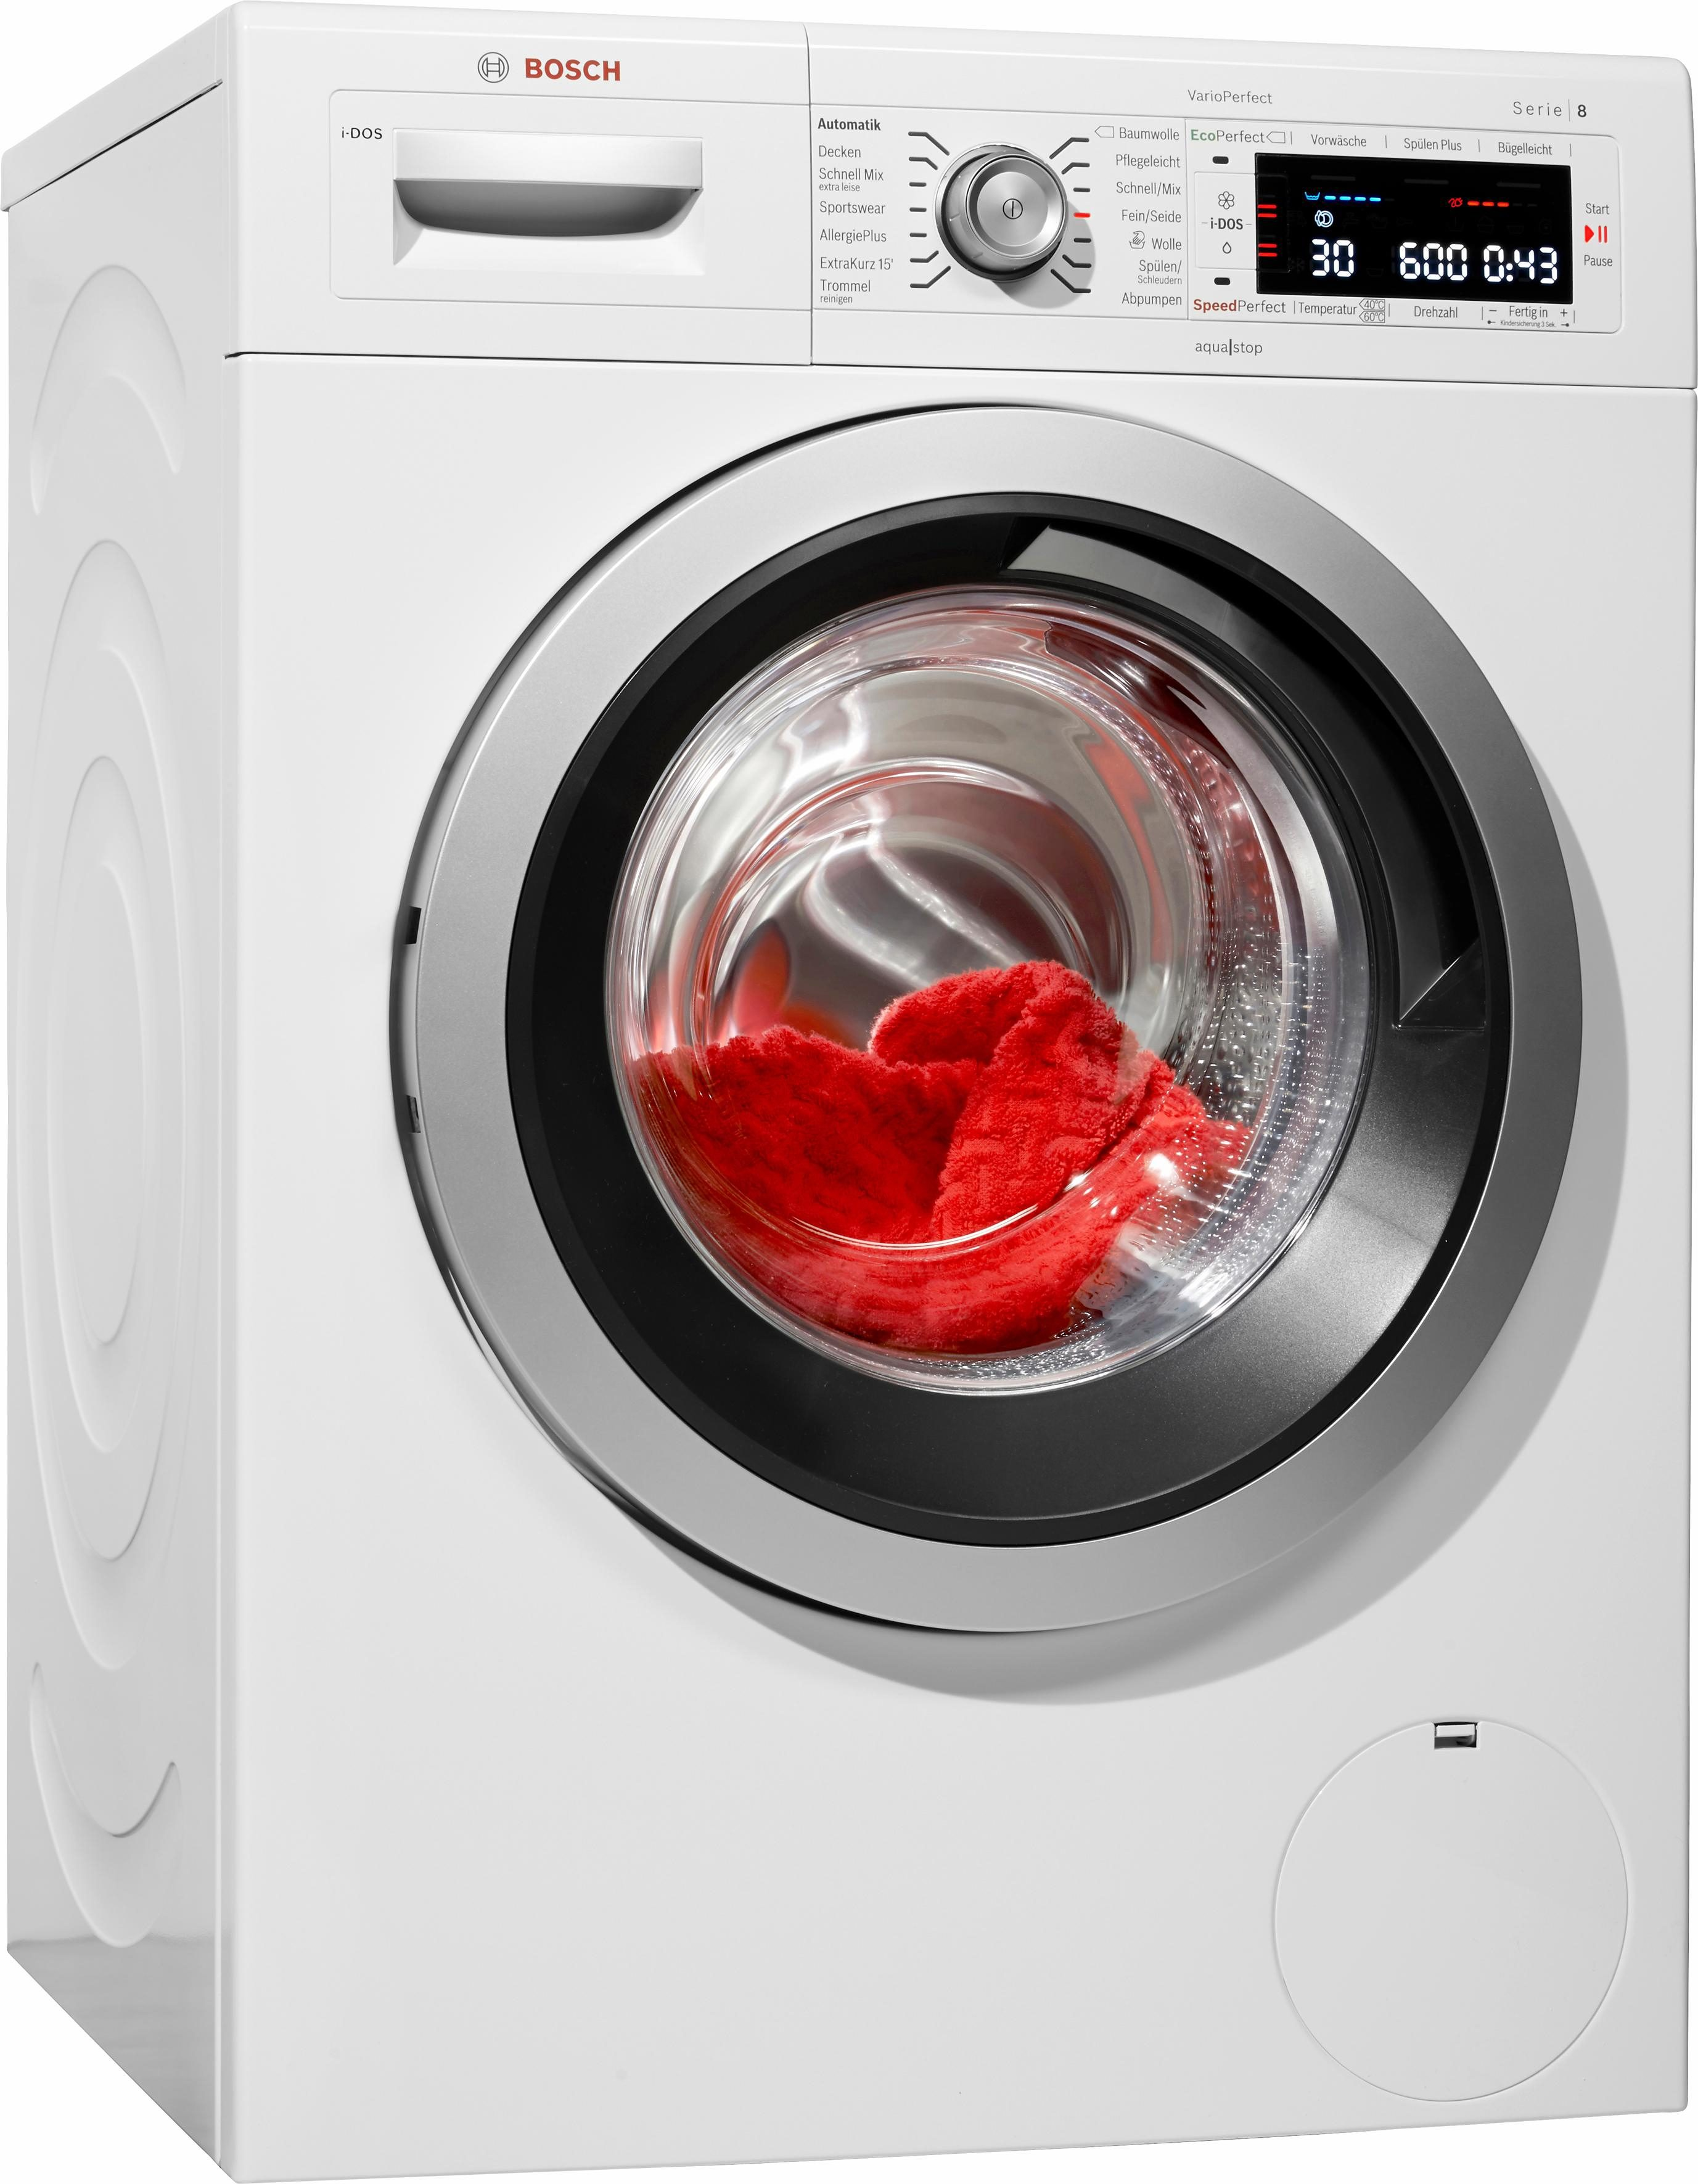 BOSCH Waschmaschine WAW28640, A+++, 8 kg, 1400 U/Min